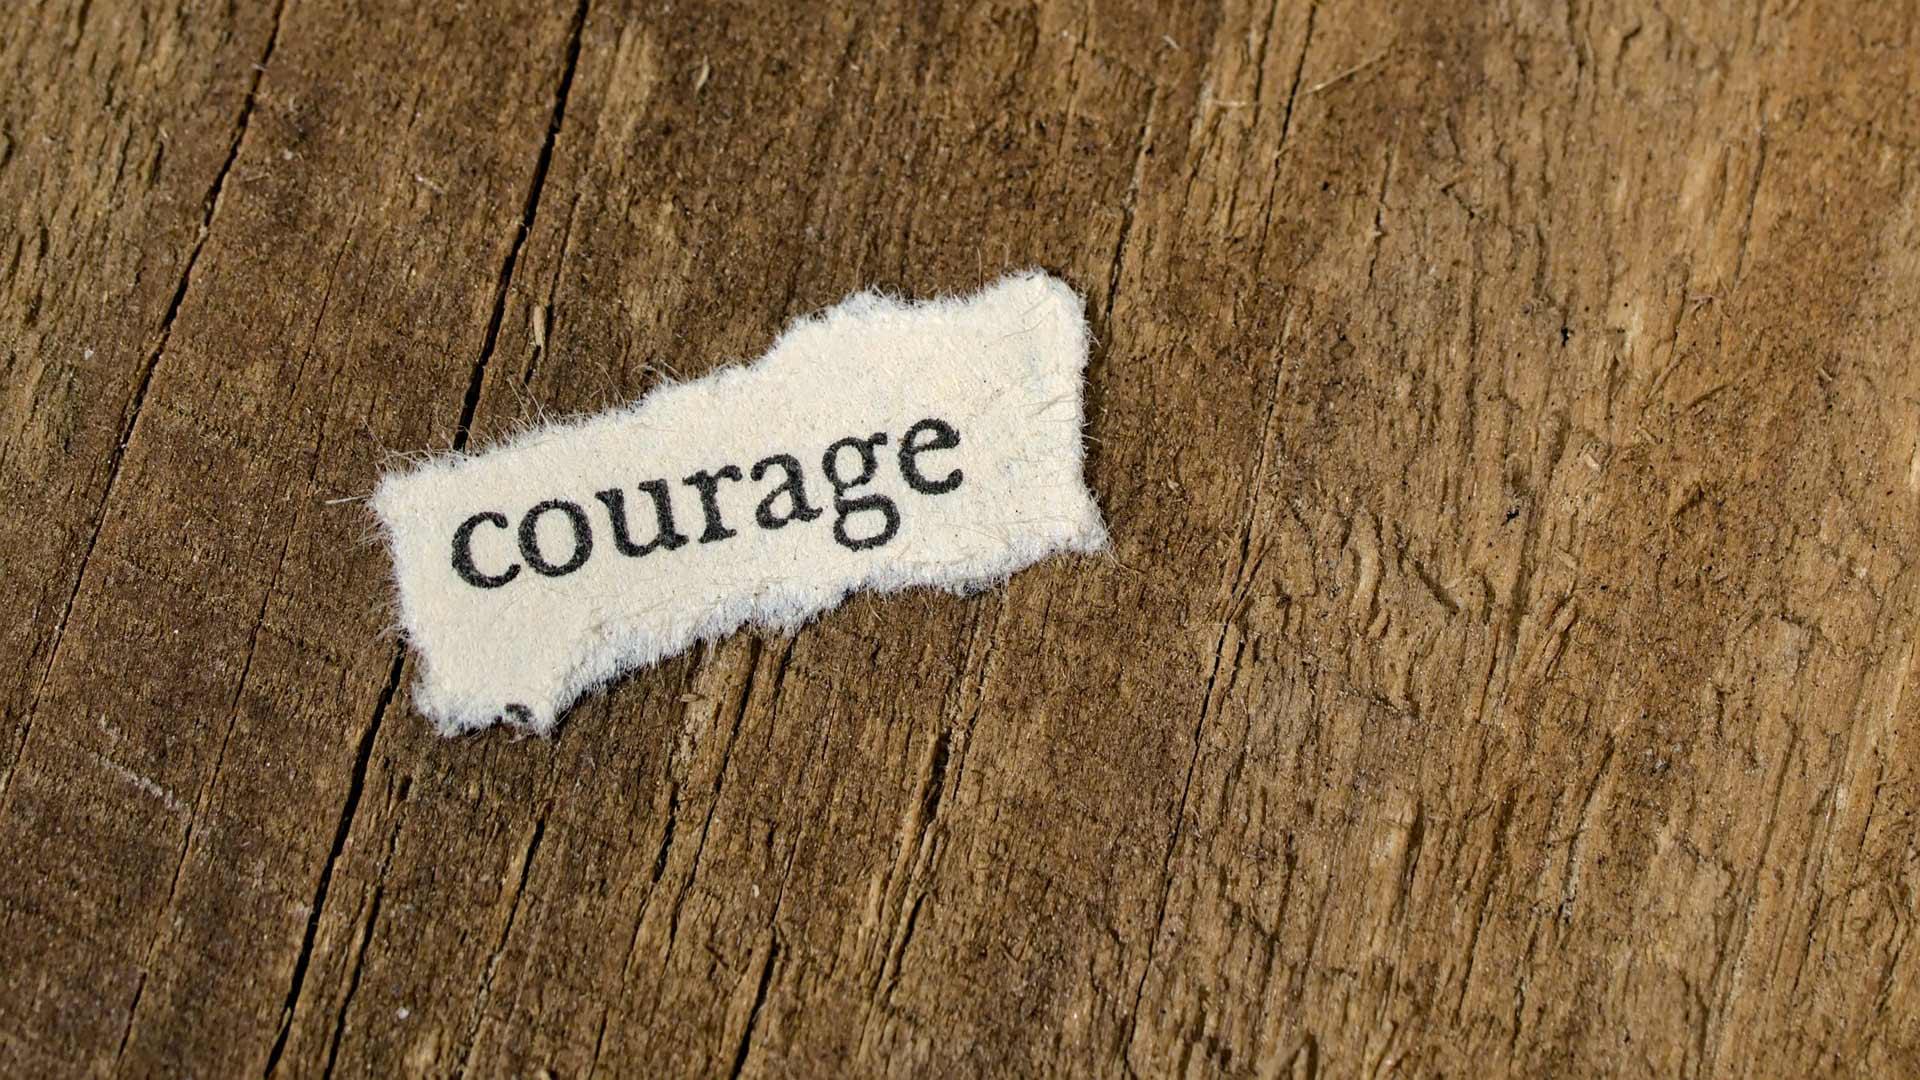 Summer Resources Week 3: Courage